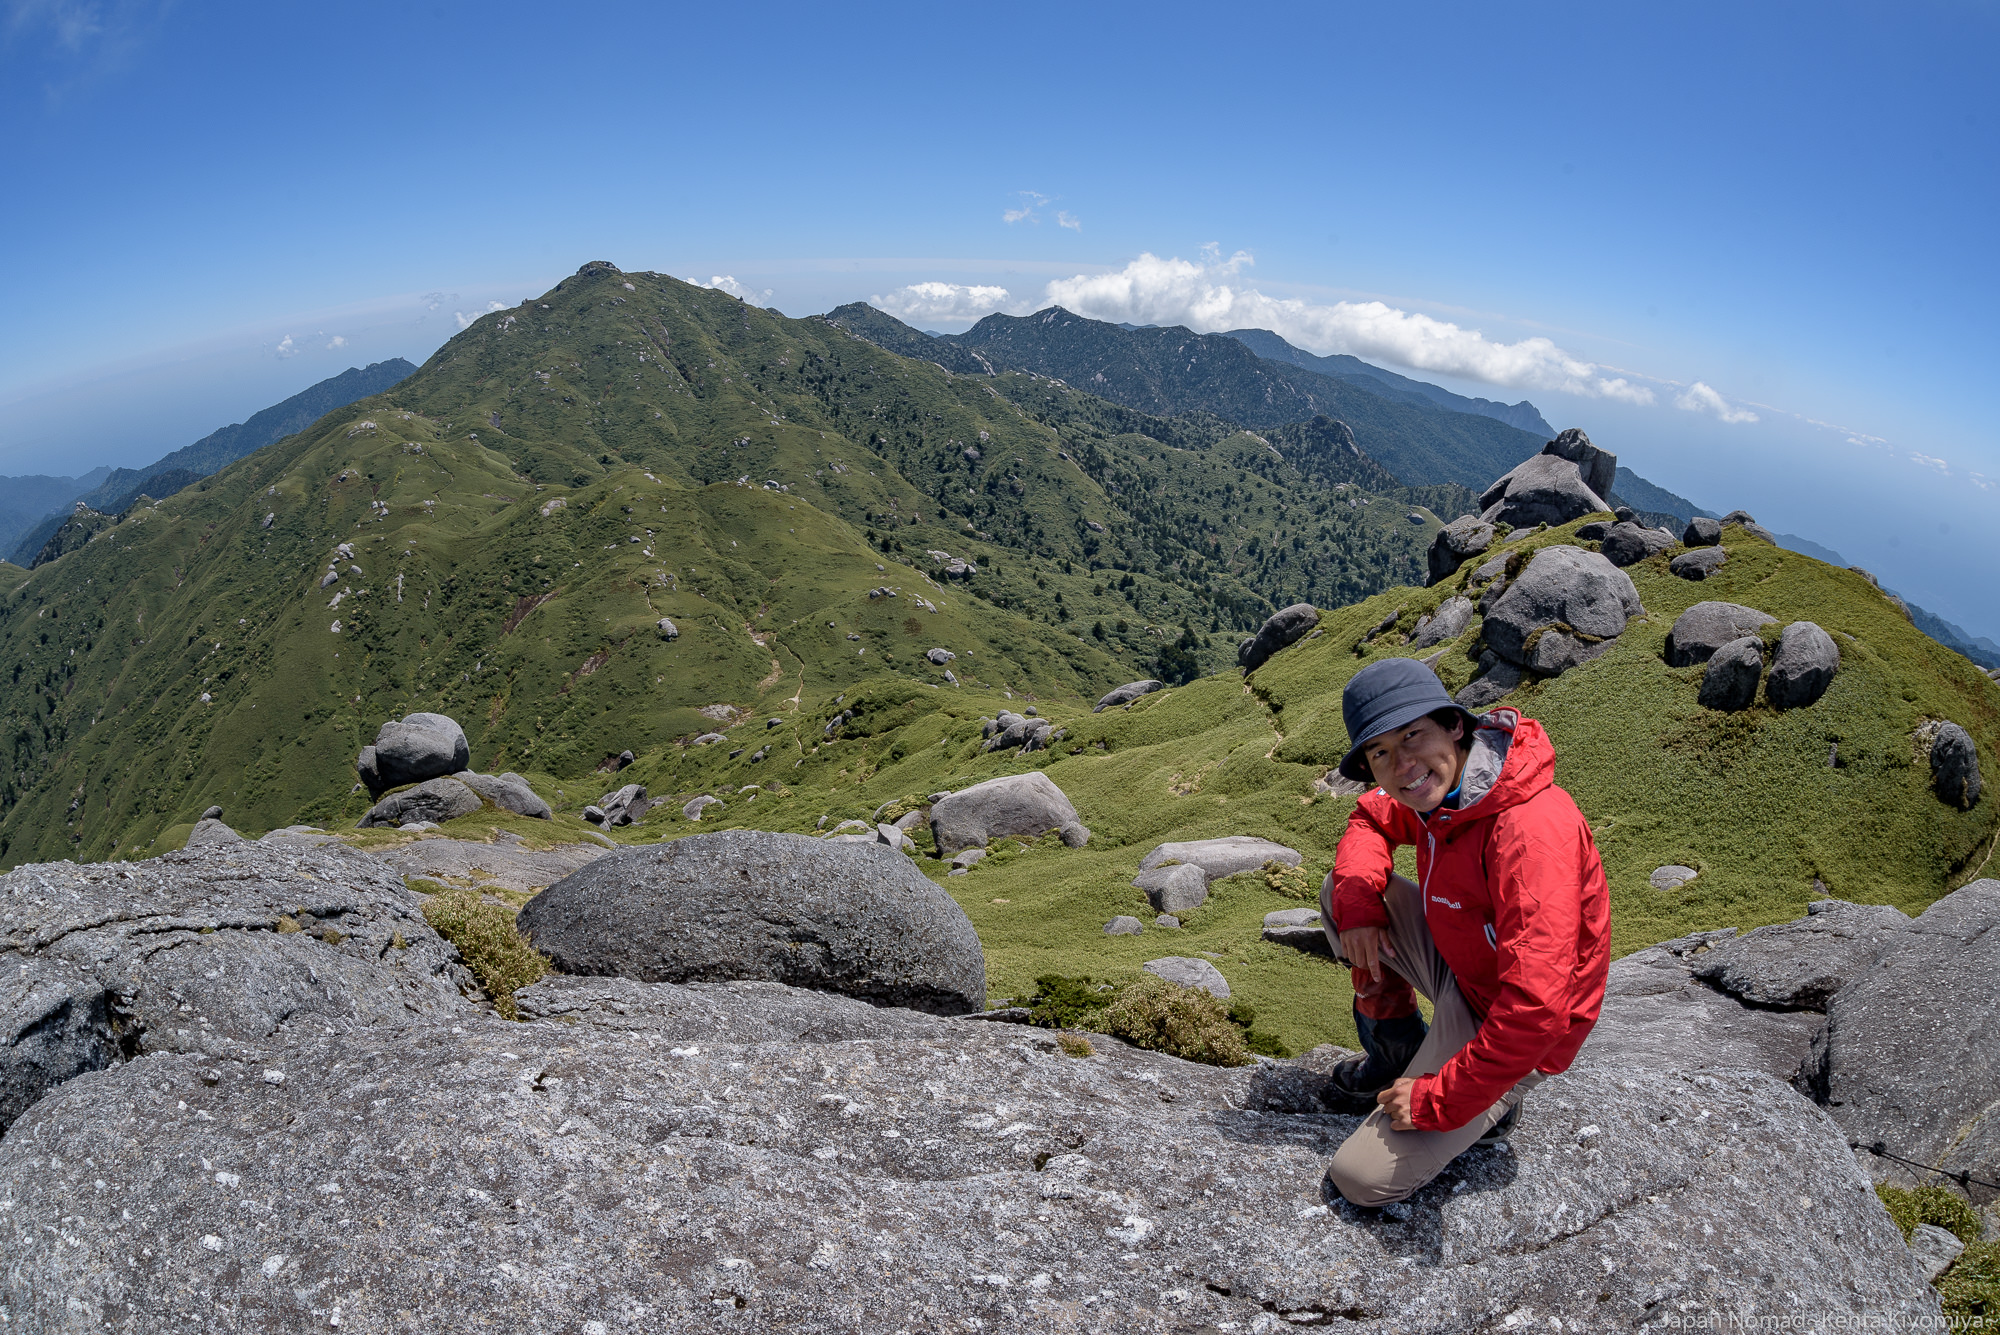 【屋久島】宮之浦岳 縦走(その2)~九州最高峰の絶頂へ~